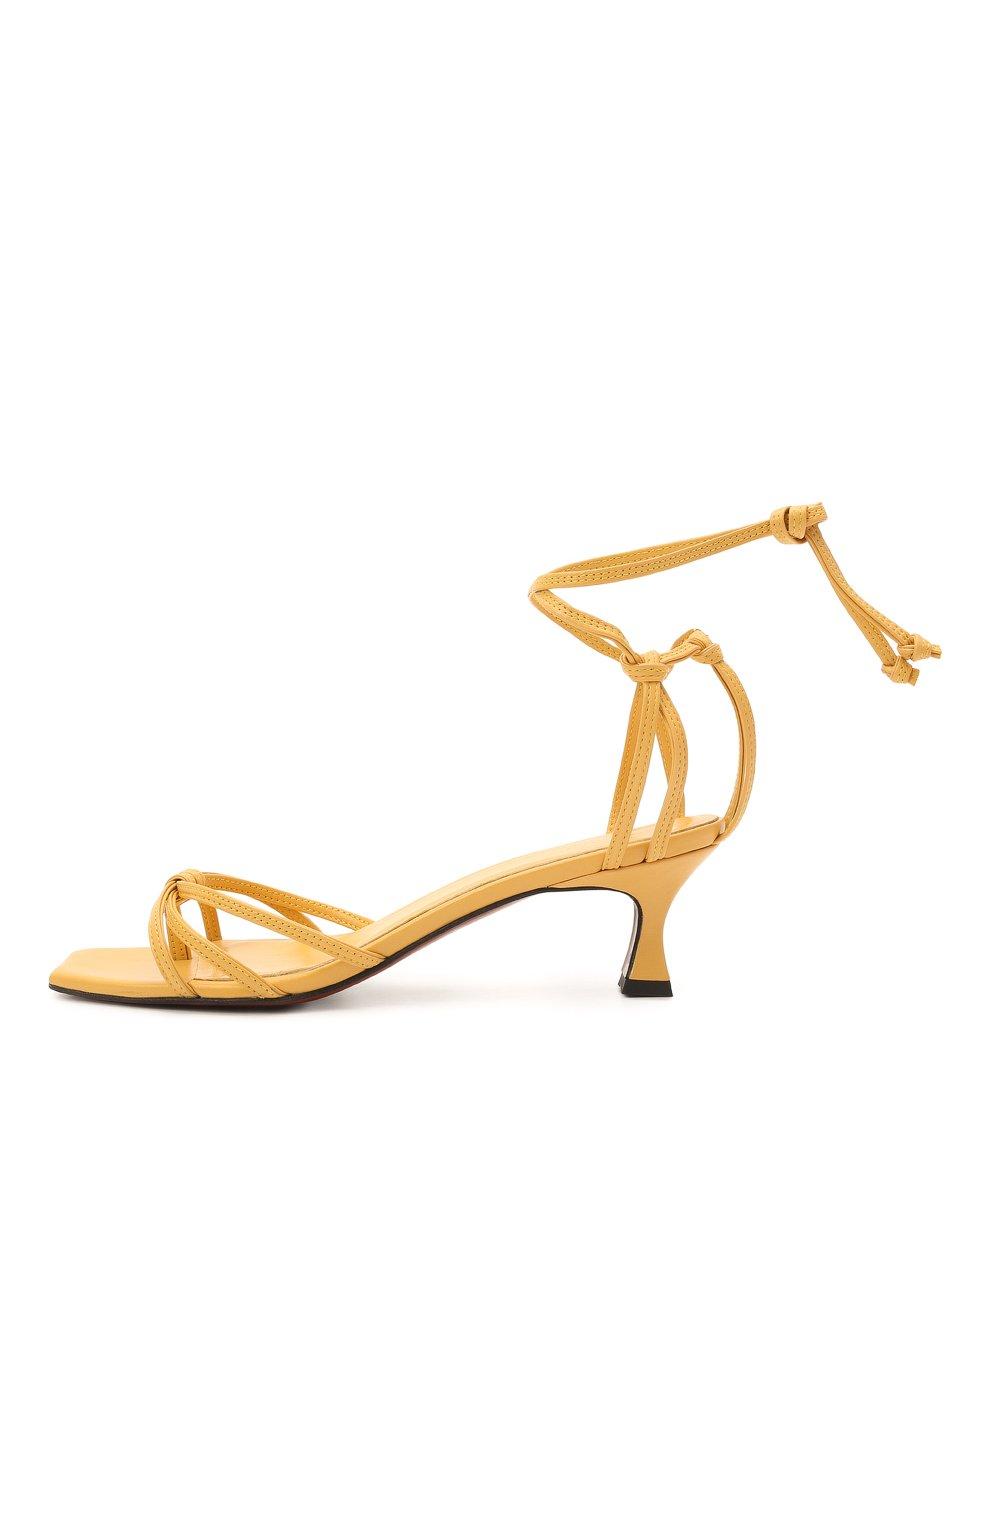 Женские кожаные босоножки MANU ATELIER желтого цвета, арт. 2021140 | Фото 3 (Каблук высота: Низкий; Материал внутренний: Натуральная кожа; Каблук тип: Устойчивый; Подошва: Плоская)